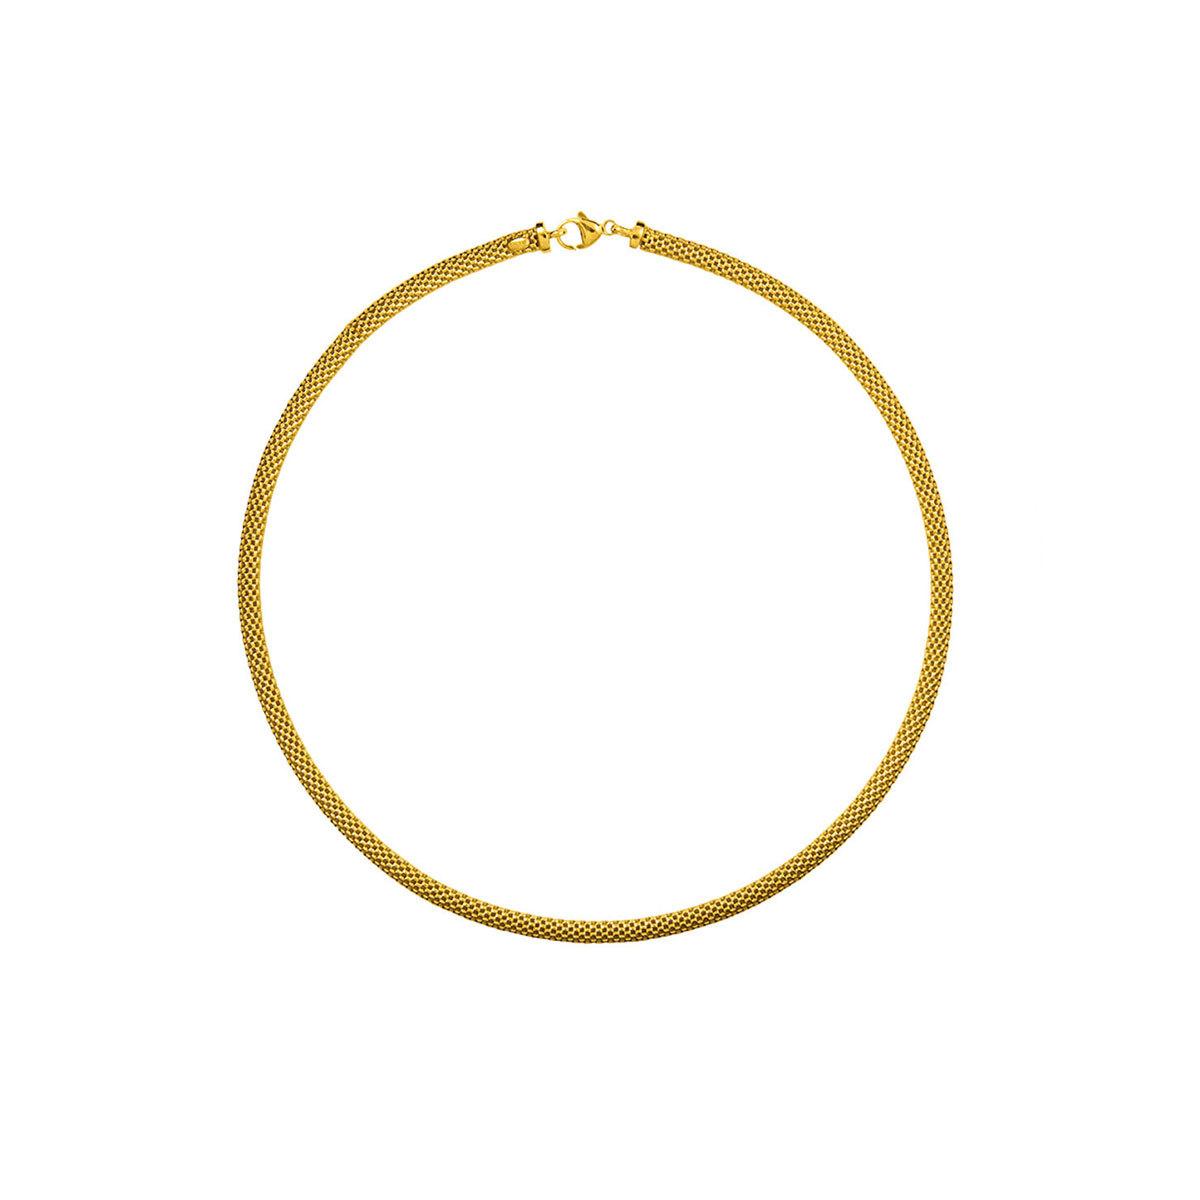 Collar rígido dorado, de Aristocrazy (119 euros).